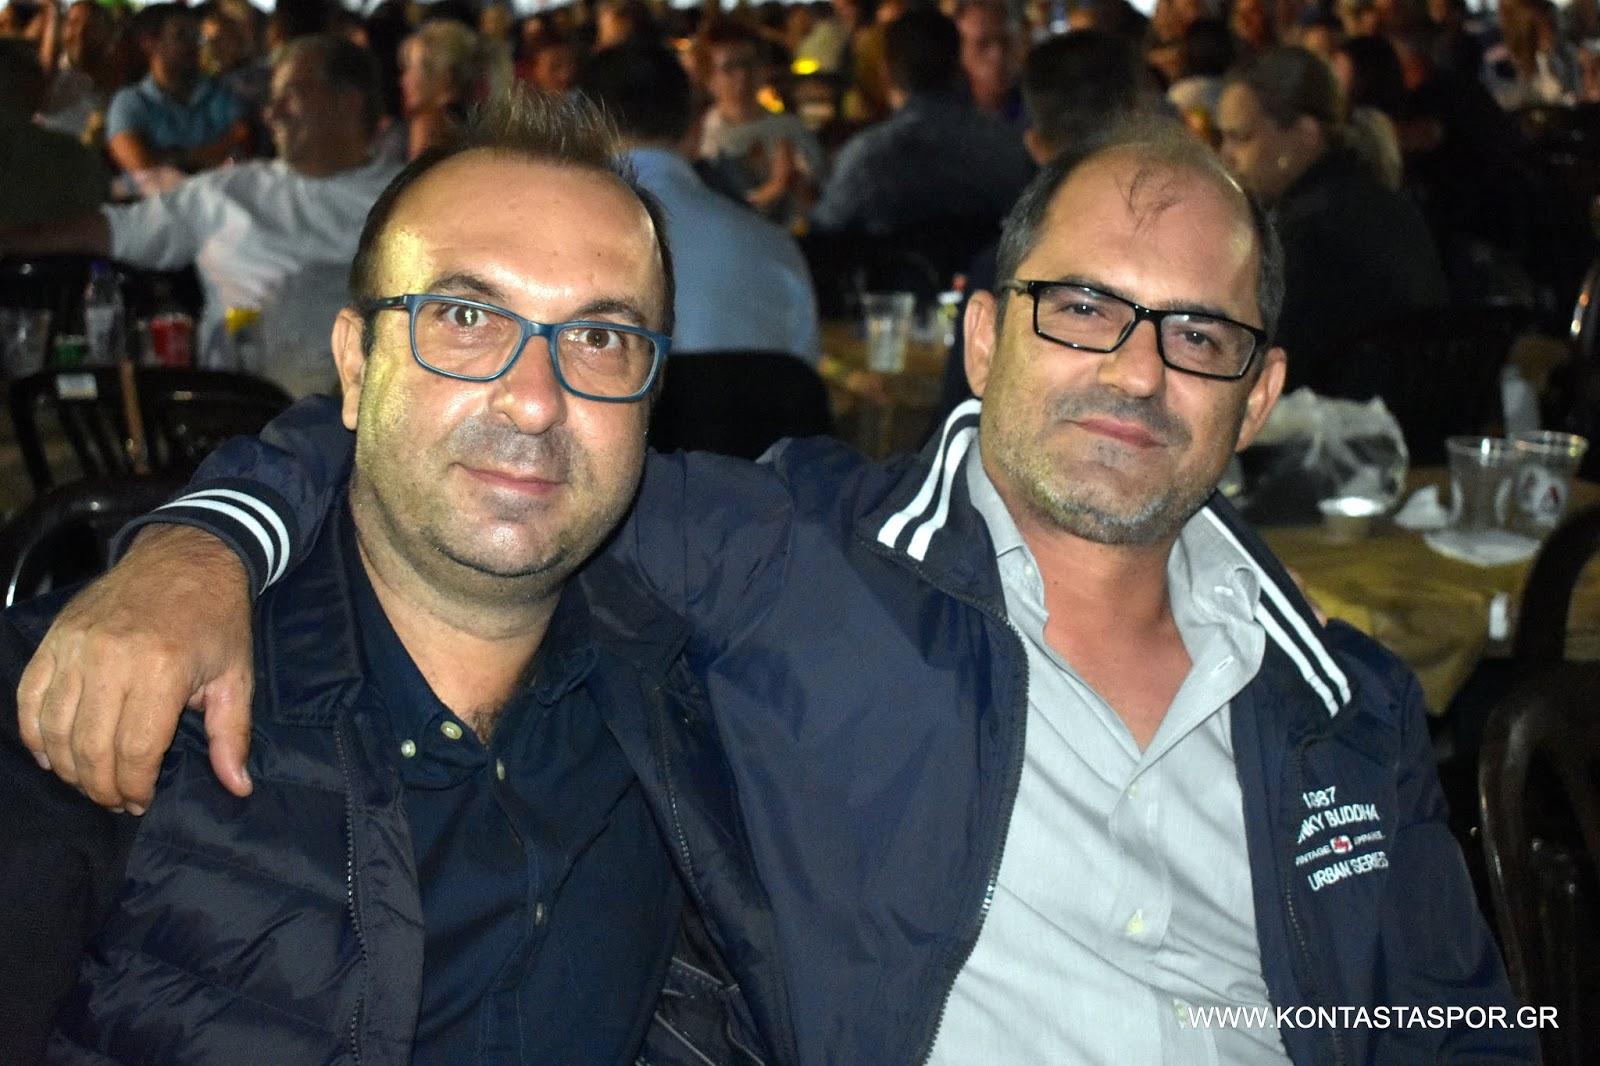 Με επιτυχία η λαική βραδιά  Αδαμαντίδη στα Ψαχνά (φωτογραφίες) 1 DSC 0261